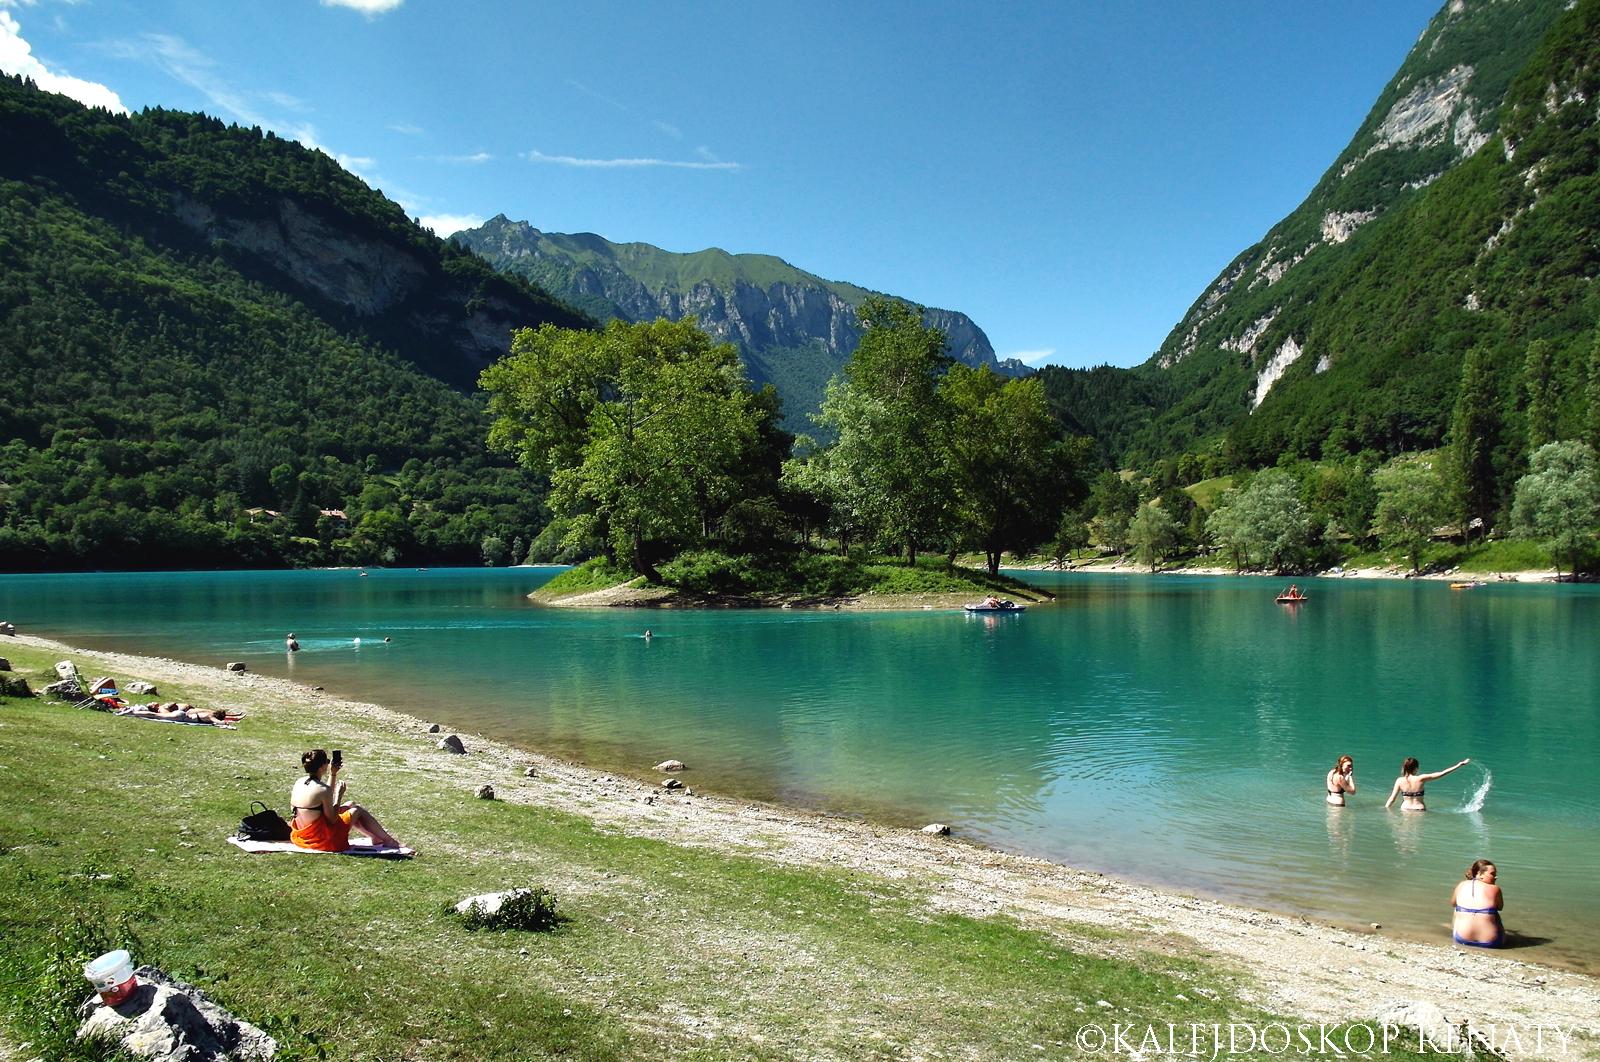 Jezioro Tenno — jedno z najpiękniejszych jezior północnych Włoch